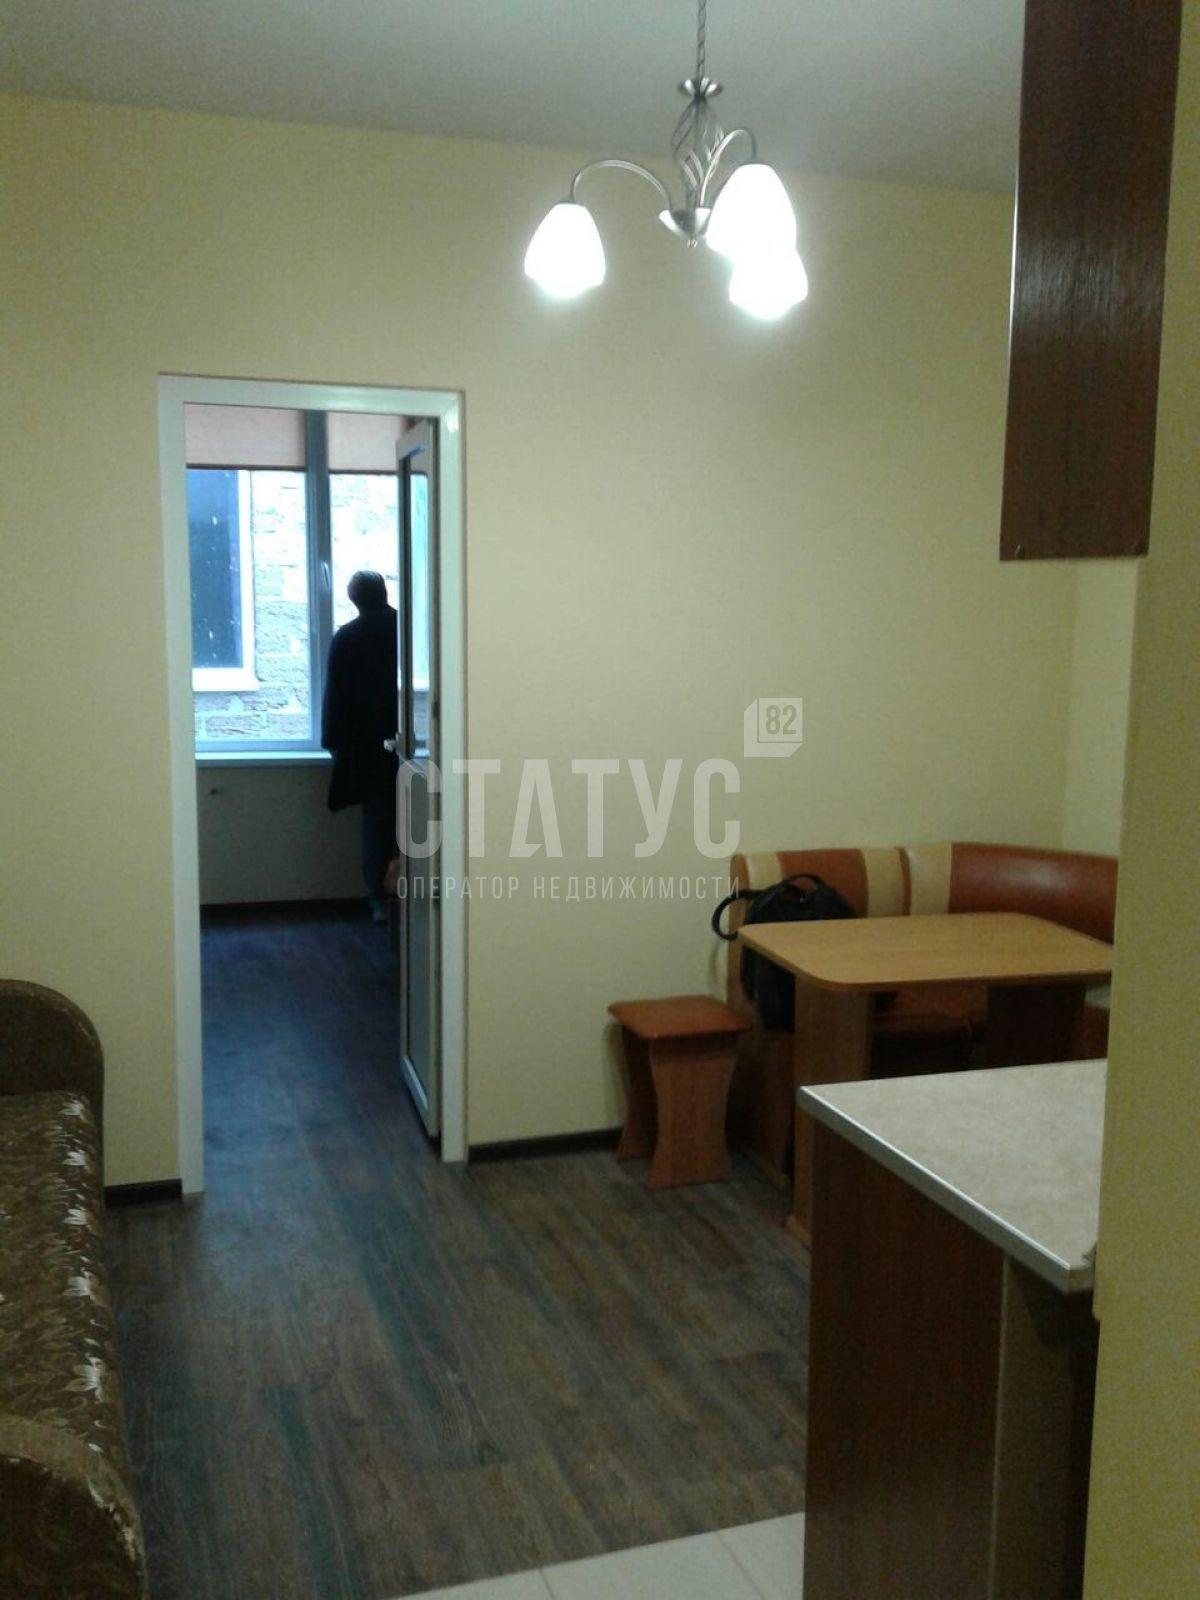 Квартира в аренду по адресу Россия, Республика Крым, Ялта, Южнобережное ш, 27